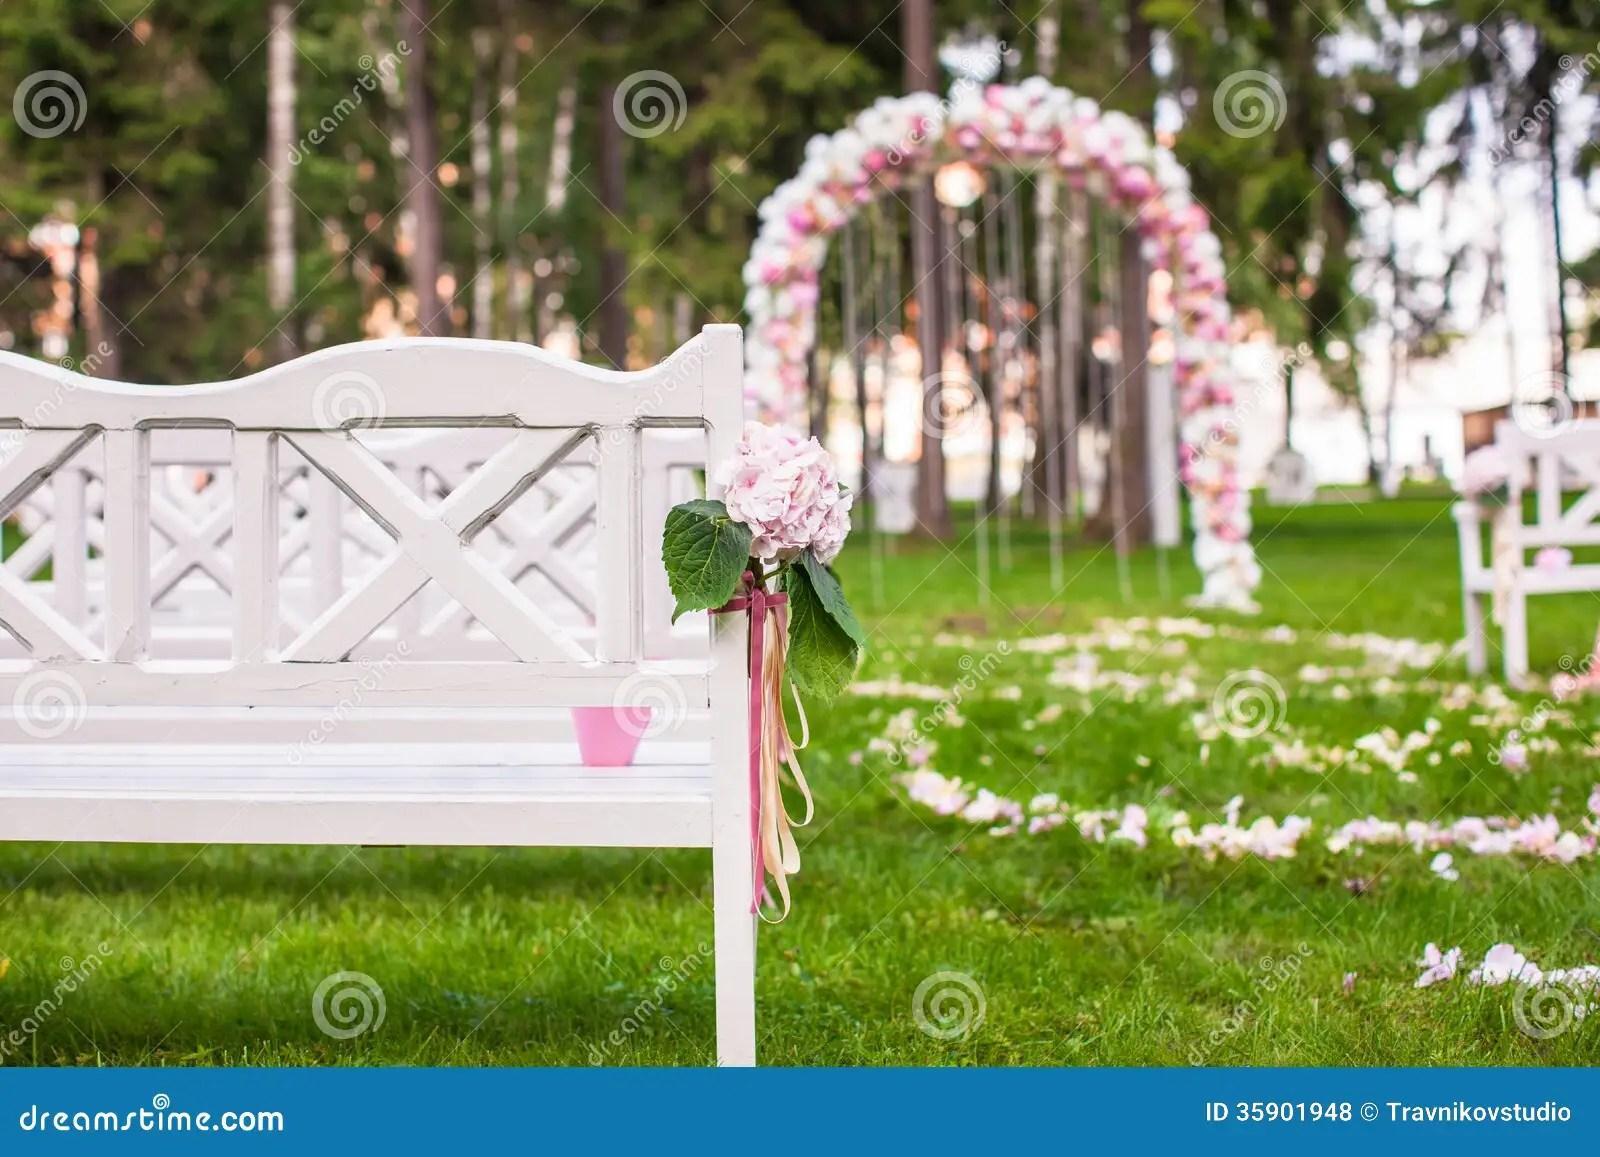 Love Benches Garden